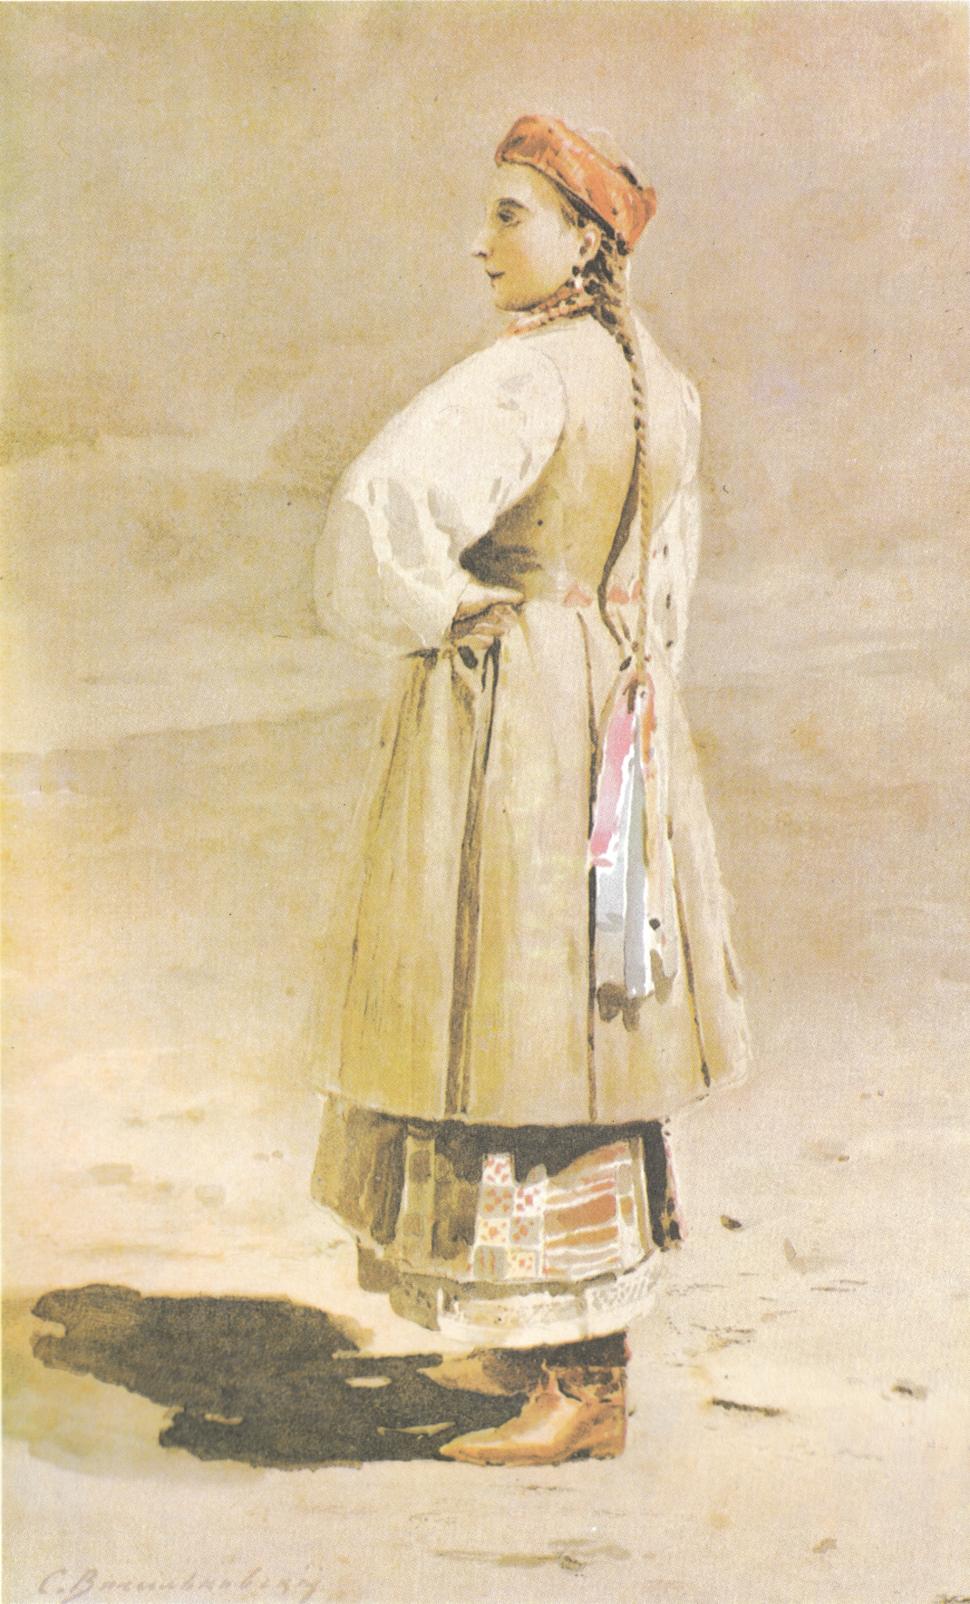 1900 - Kozachka by Vasylkivsky